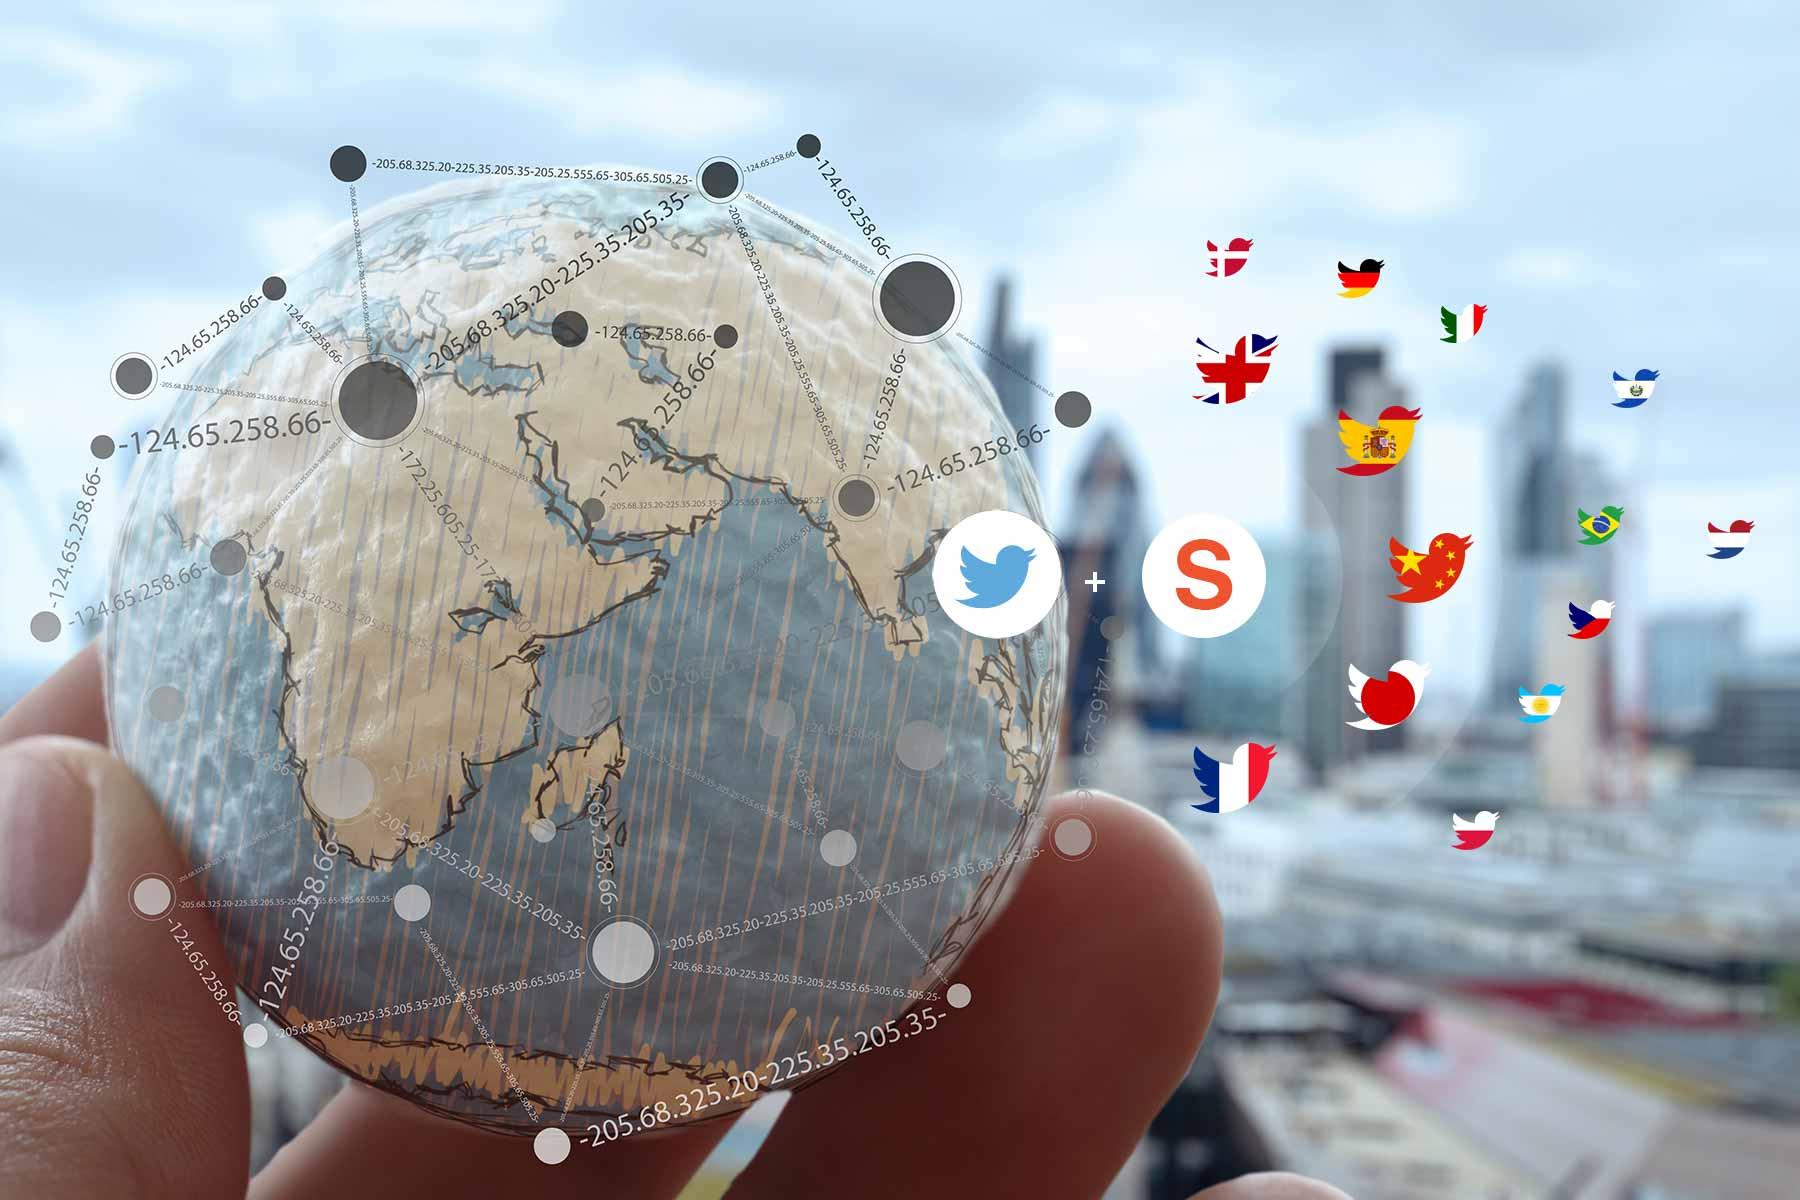 Twitter Globalization